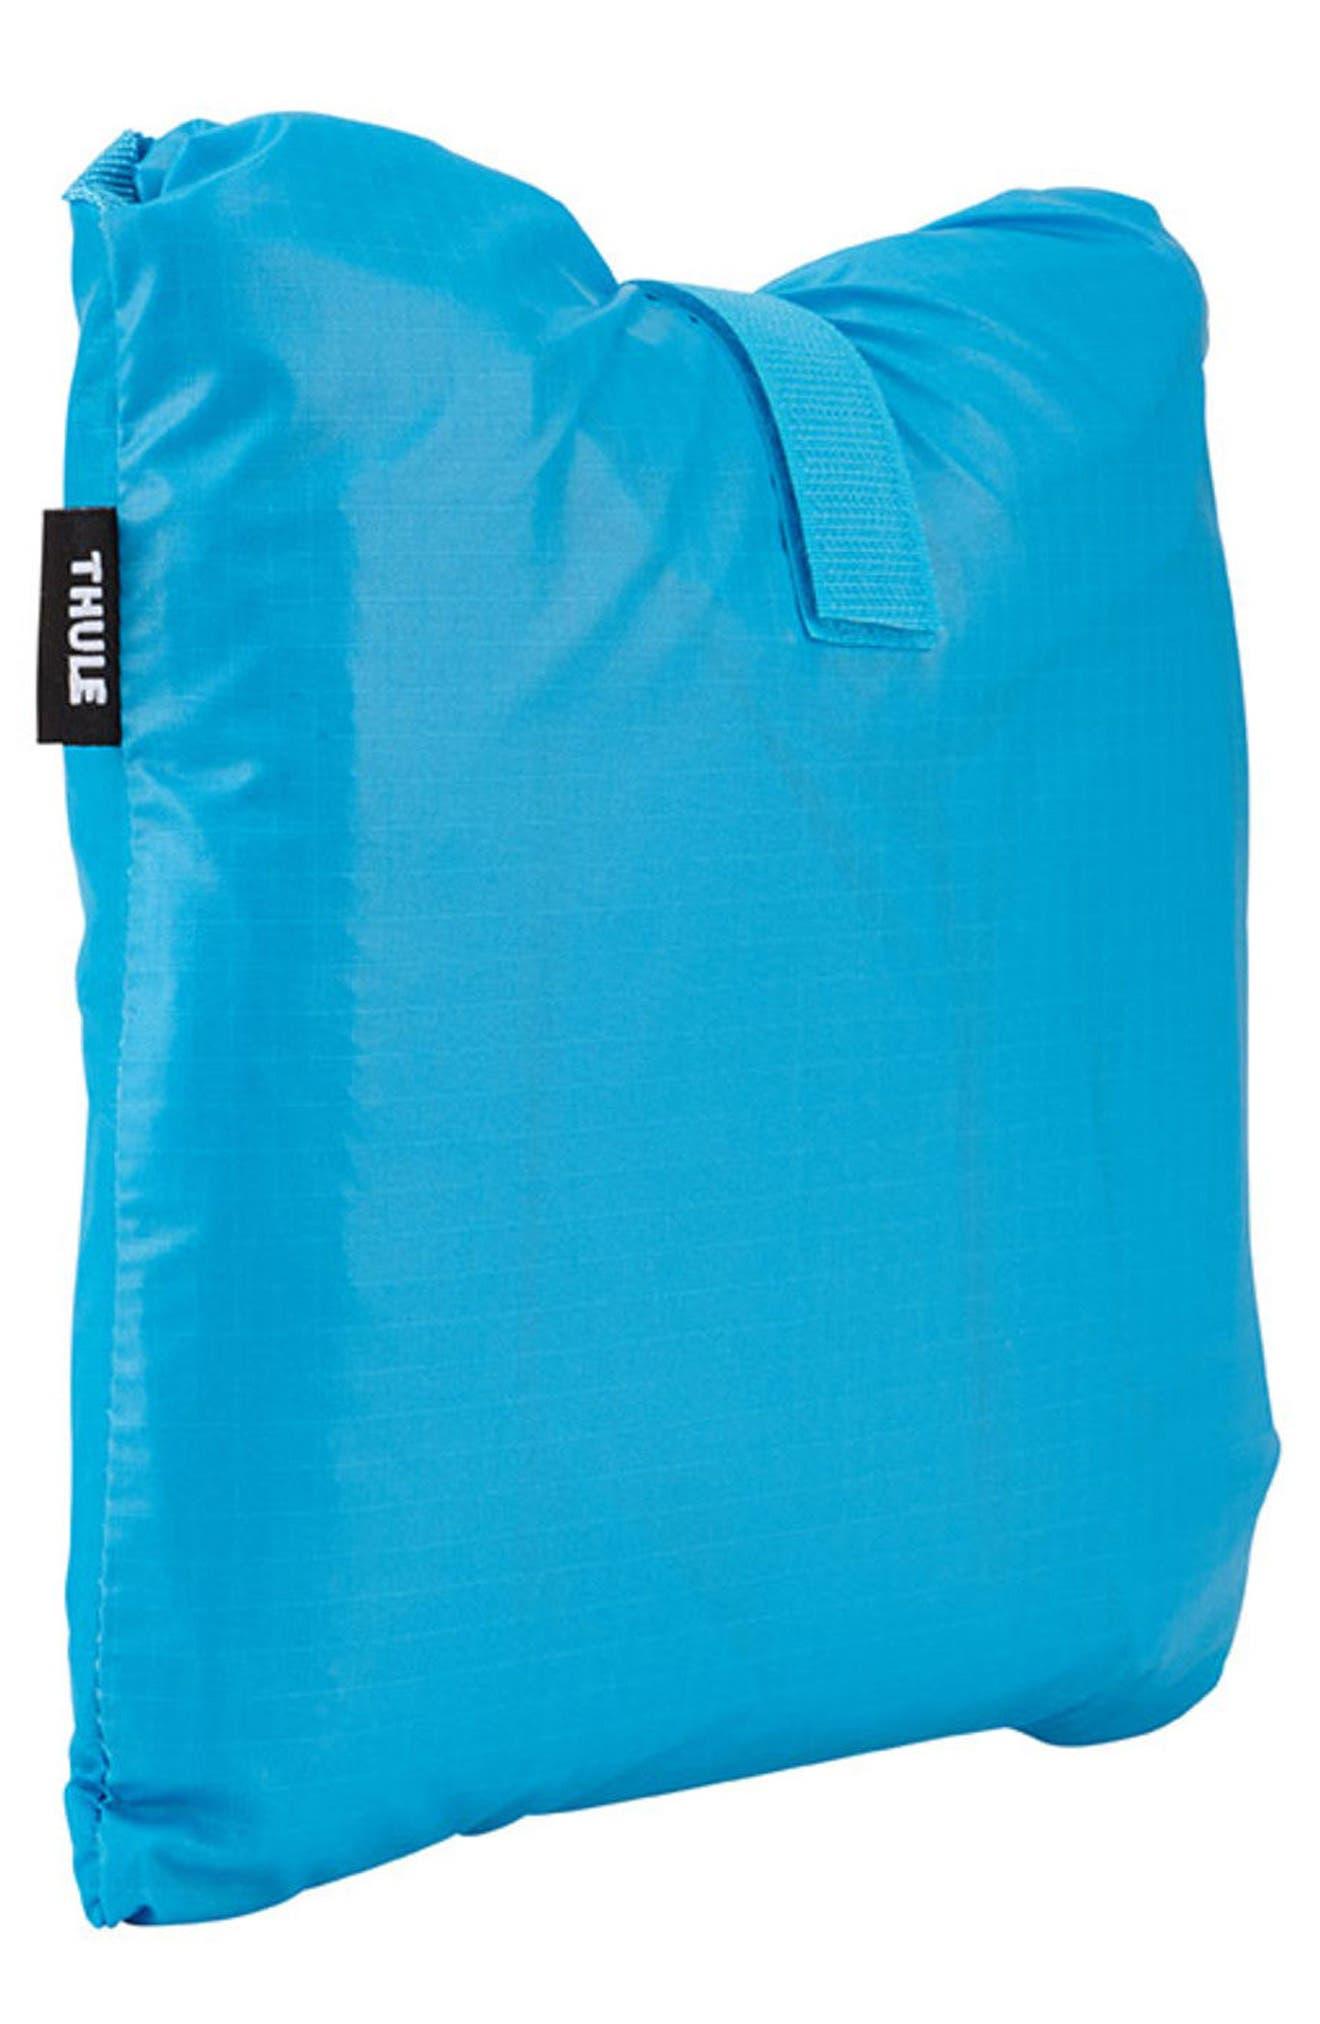 Thule Sapling Child Carrier Rain Cover